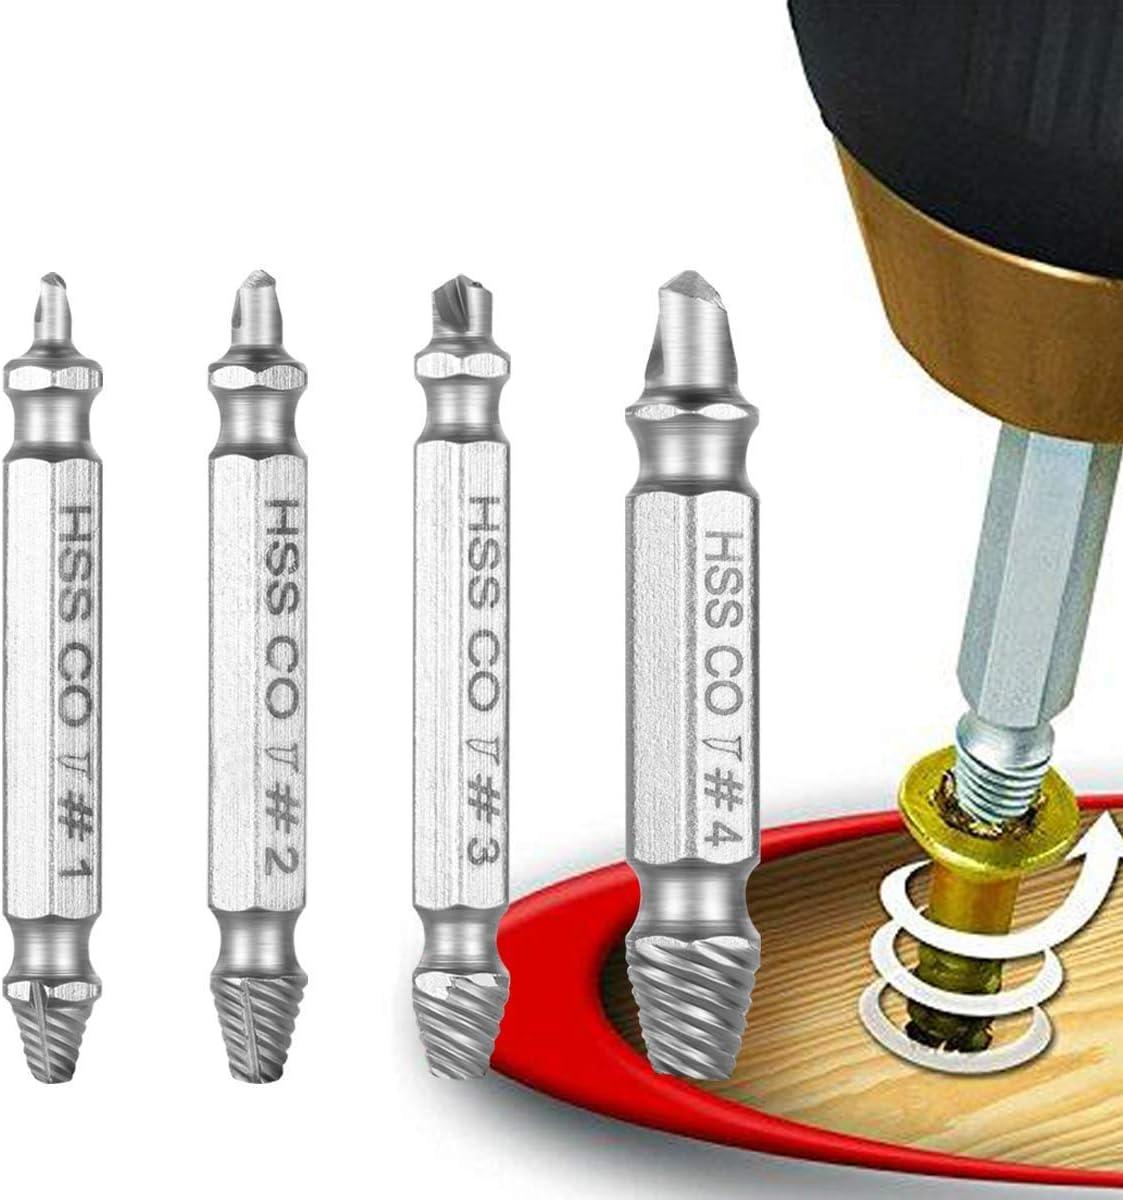 Camtek 4 Piezas Extractor de Tornillos Elimina los tornillos dañados removedor de tornillo Broca Herramienta para Sacar Tornillos Roto